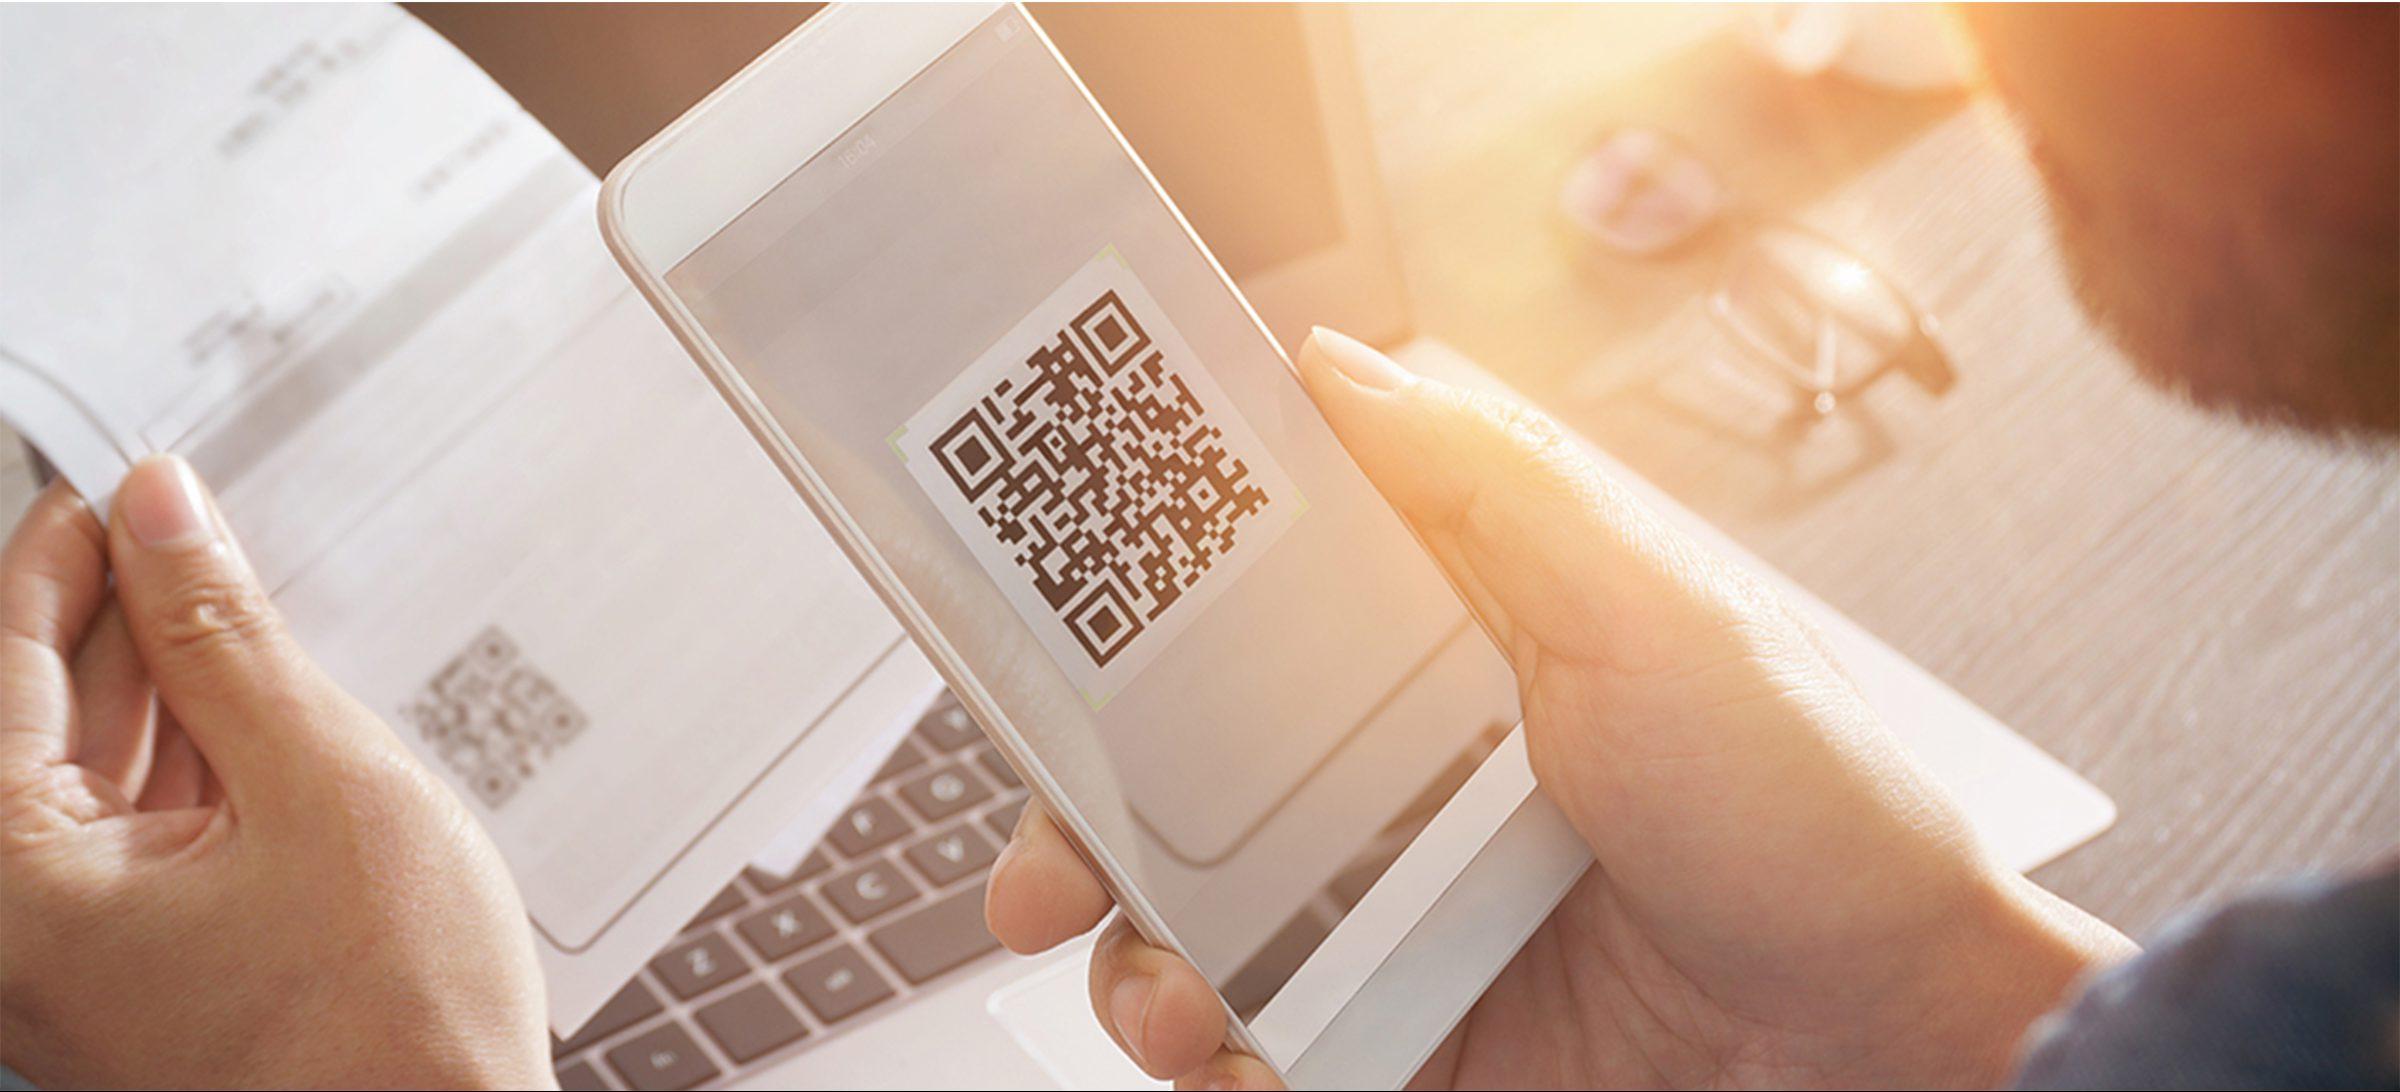 Pay checks via a QR Code with Focus MobilePay